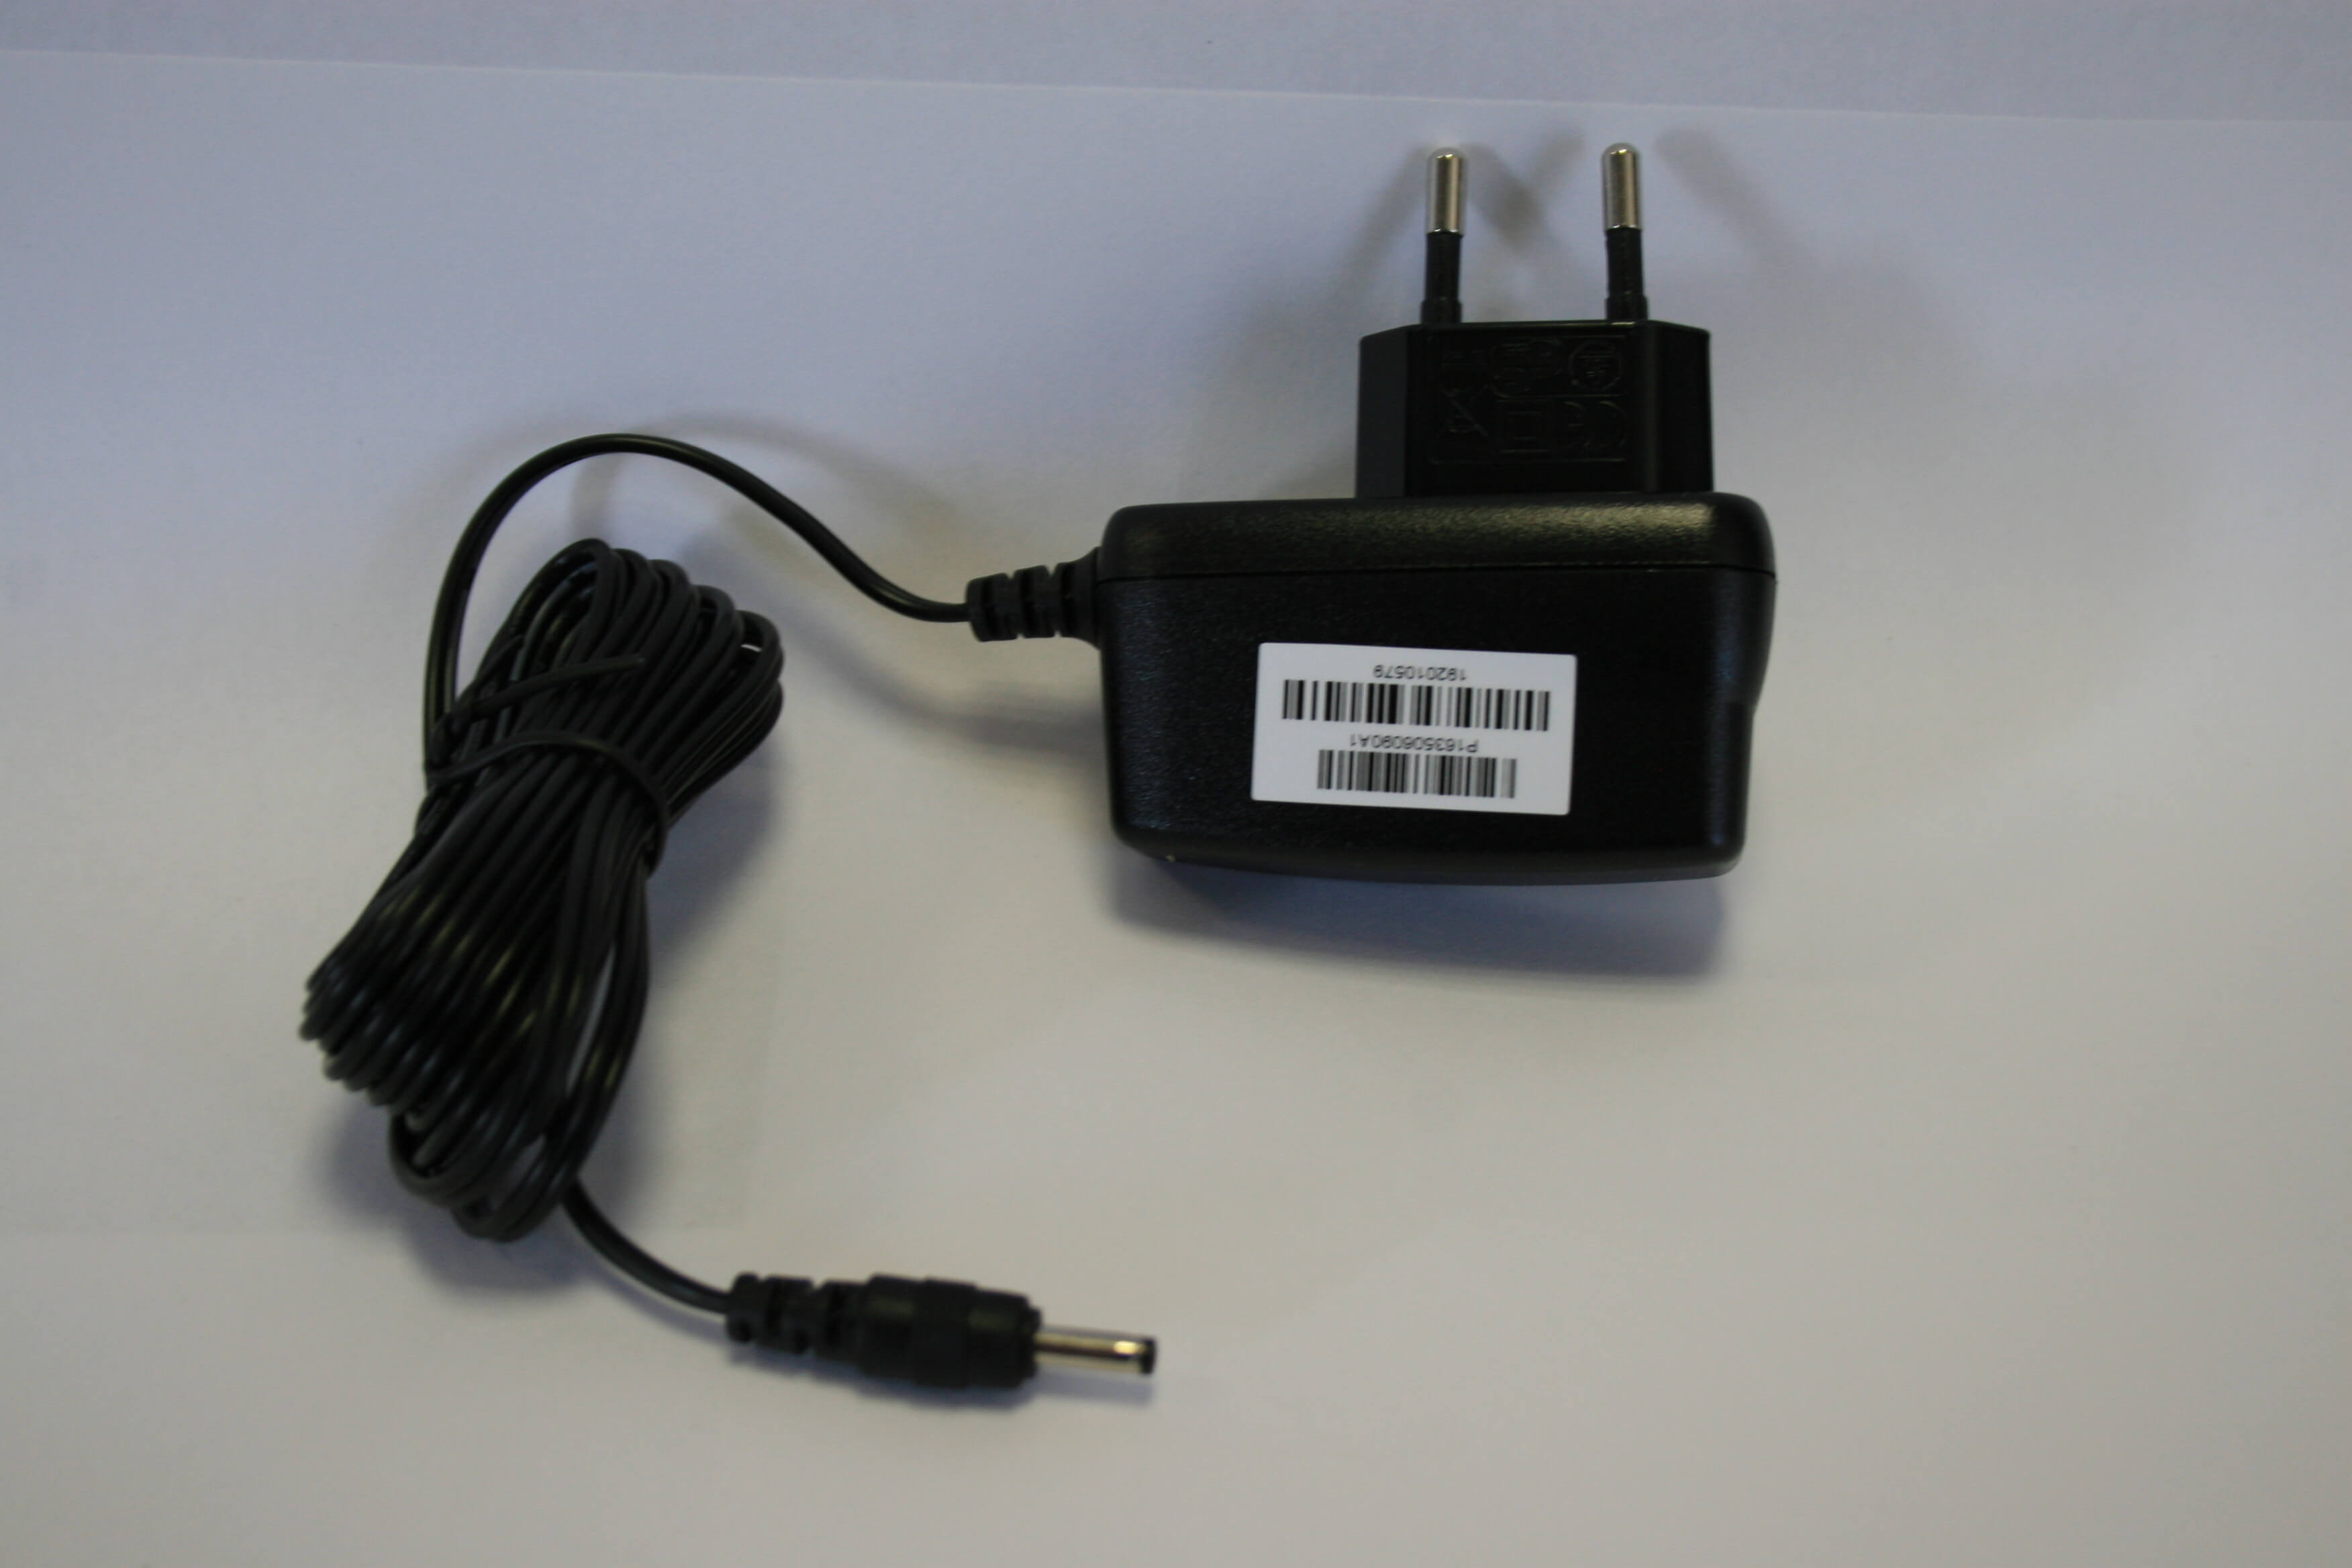 NeoTPE, Adaptateur secteur pour EFT930 / IWL250 (Alimentation Electrique)